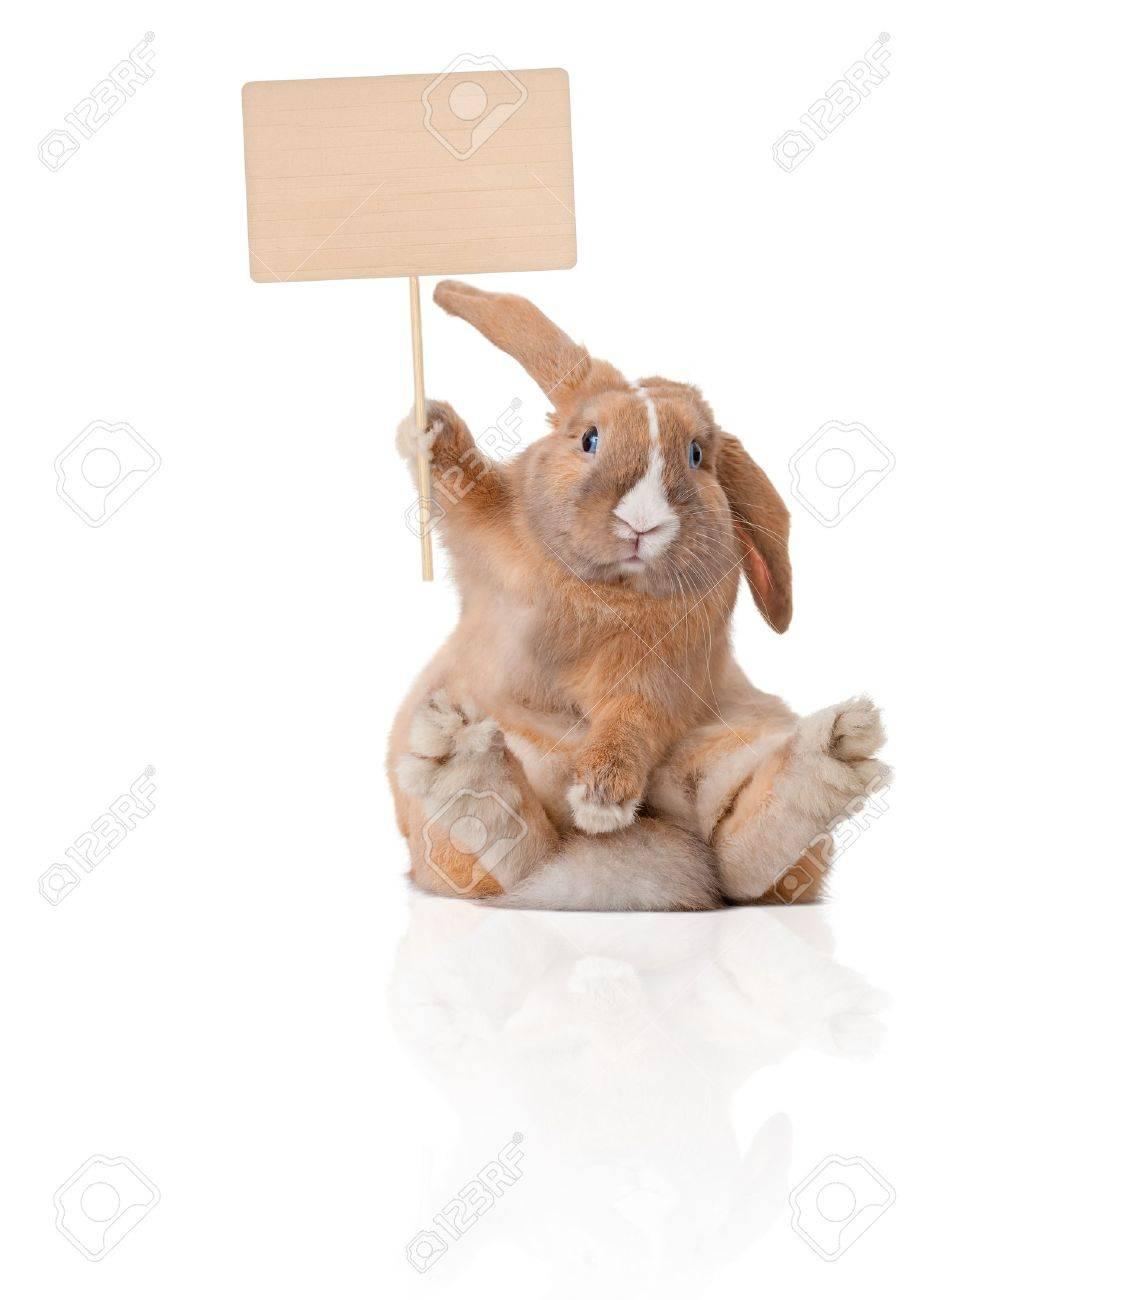 Lapin mignon et beau salon. Inscription dans sa patte sur la tête. Isolé sur fond, reflet blanc, beaucoup d'espace copie. Banque d'images - 14820887